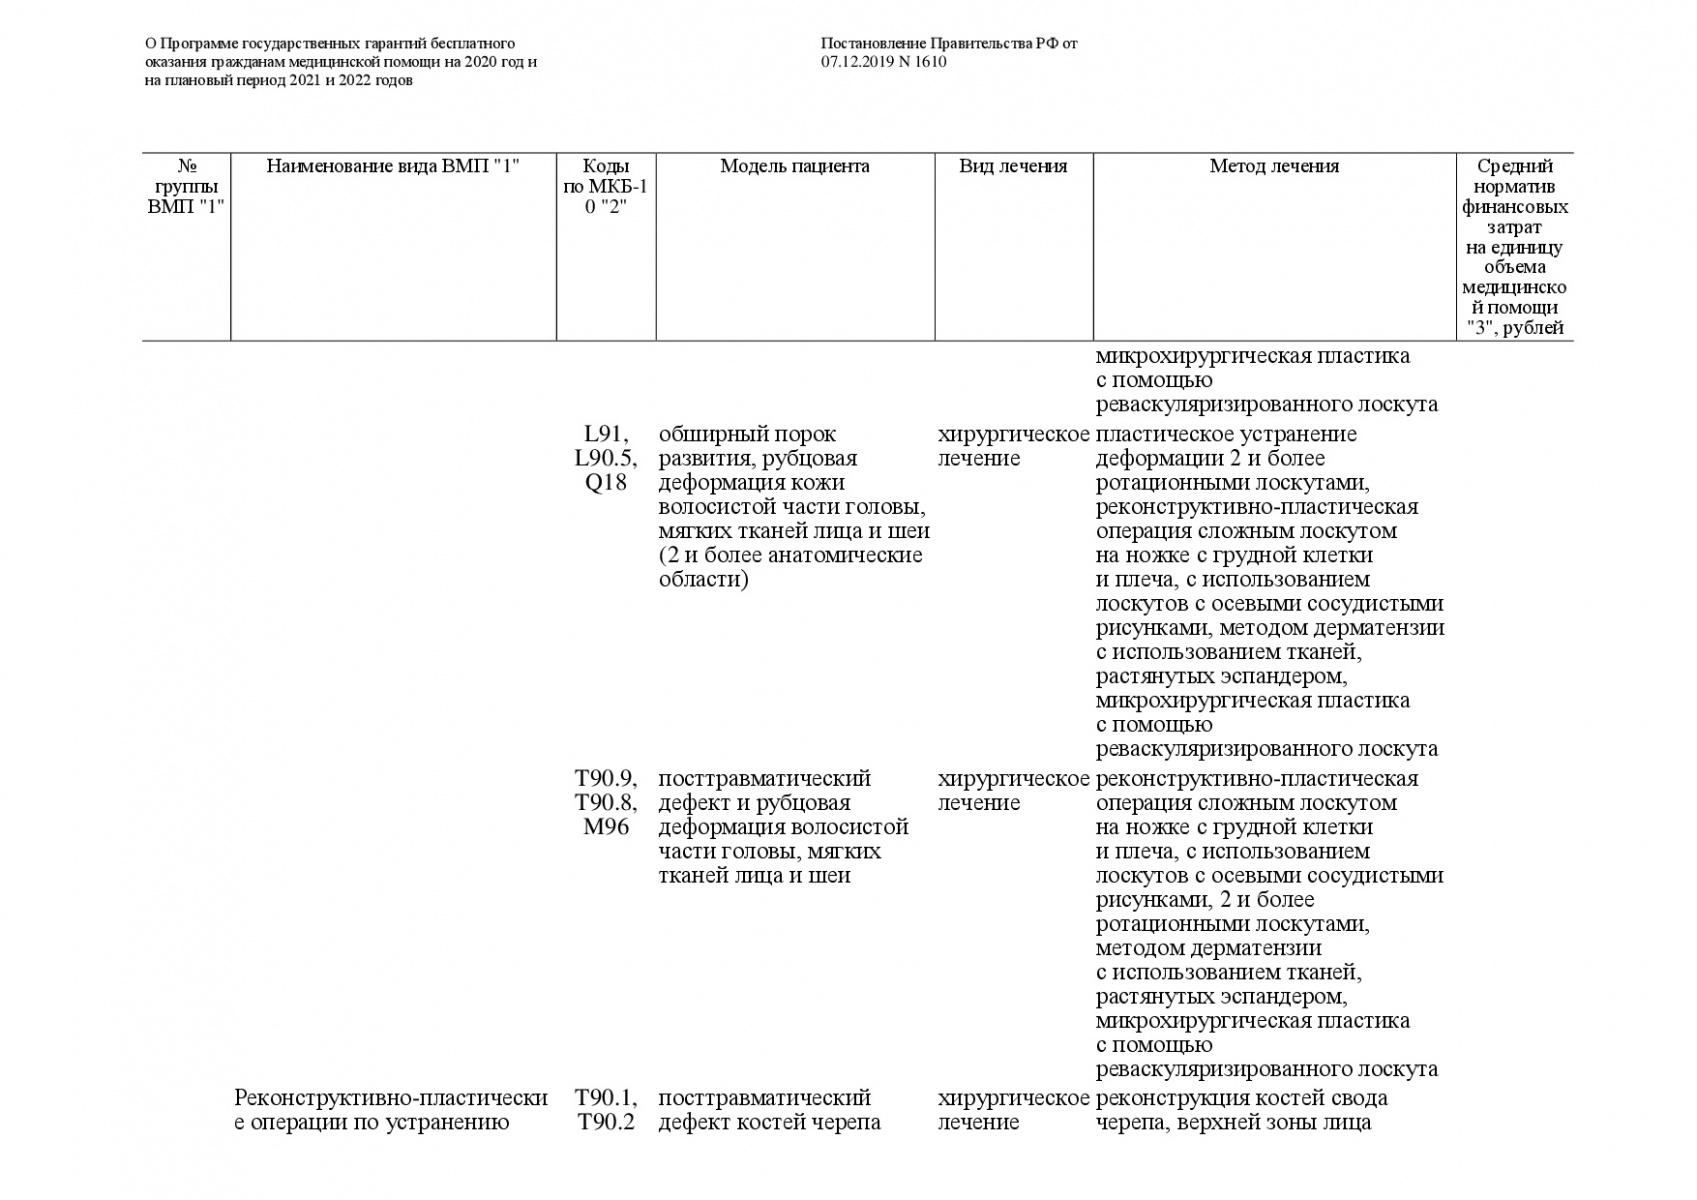 Postanovlenie-Pravitelstva-RF-ot-07_12_2019-1610-O-PGG-296